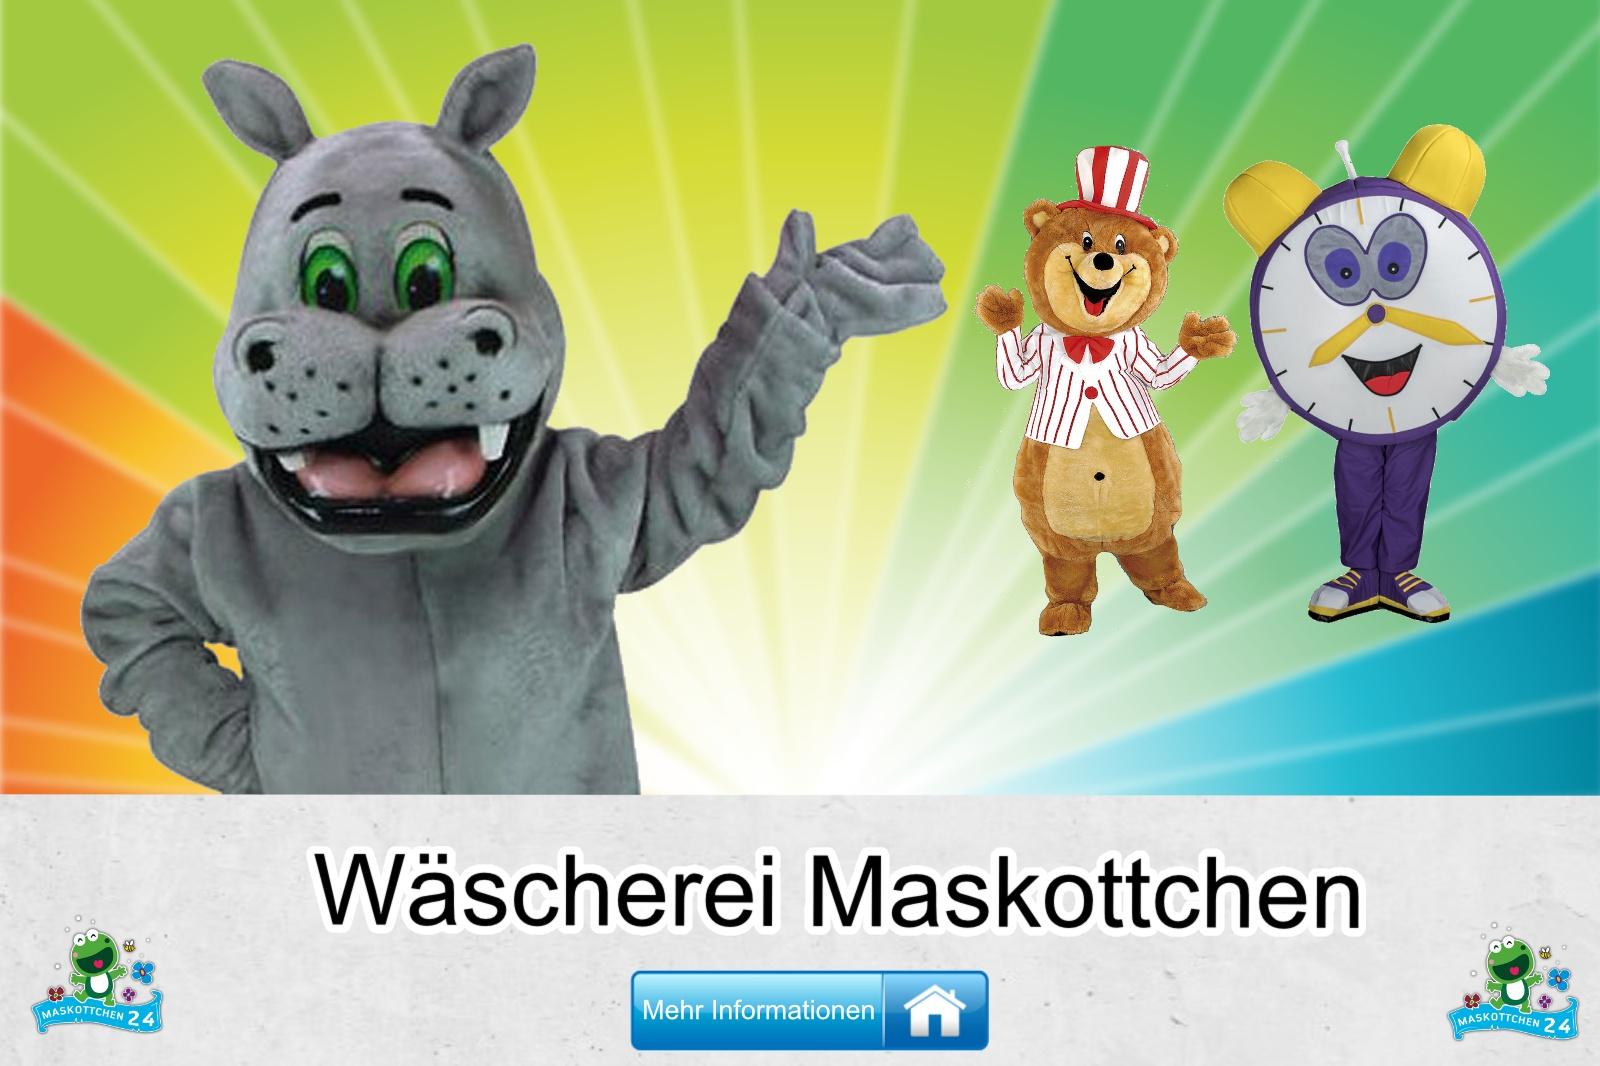 Wäscherei Kostüme Maskottchen, günstige Produktion / Herstellung